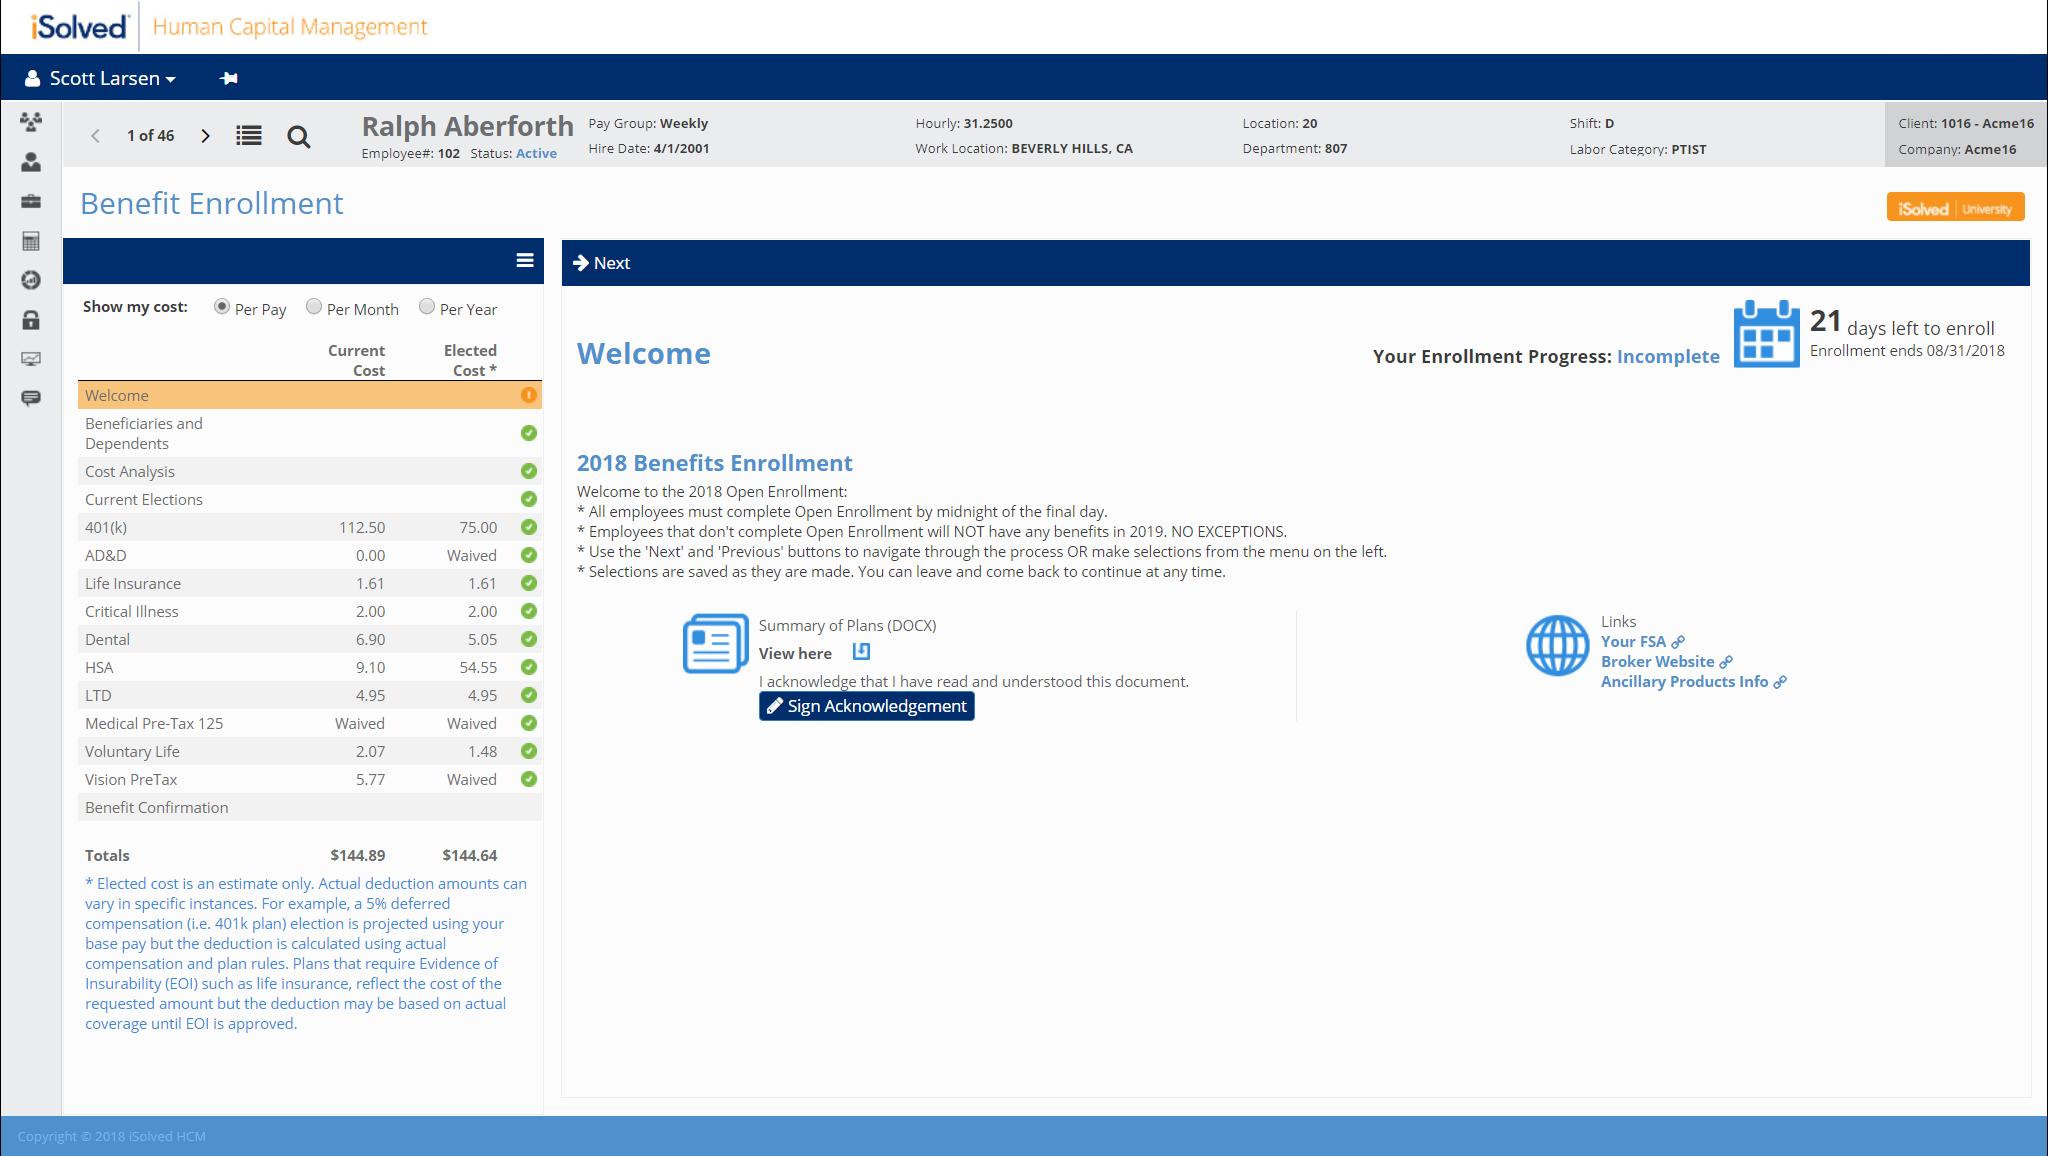 iSolved - Benefits enrollment profile